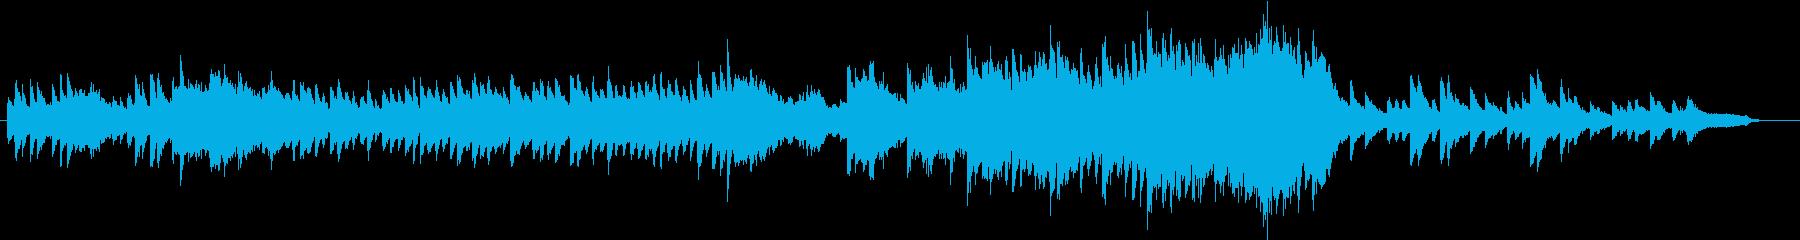 妖精・神秘的な泉・あたたかな空気・ピアノの再生済みの波形